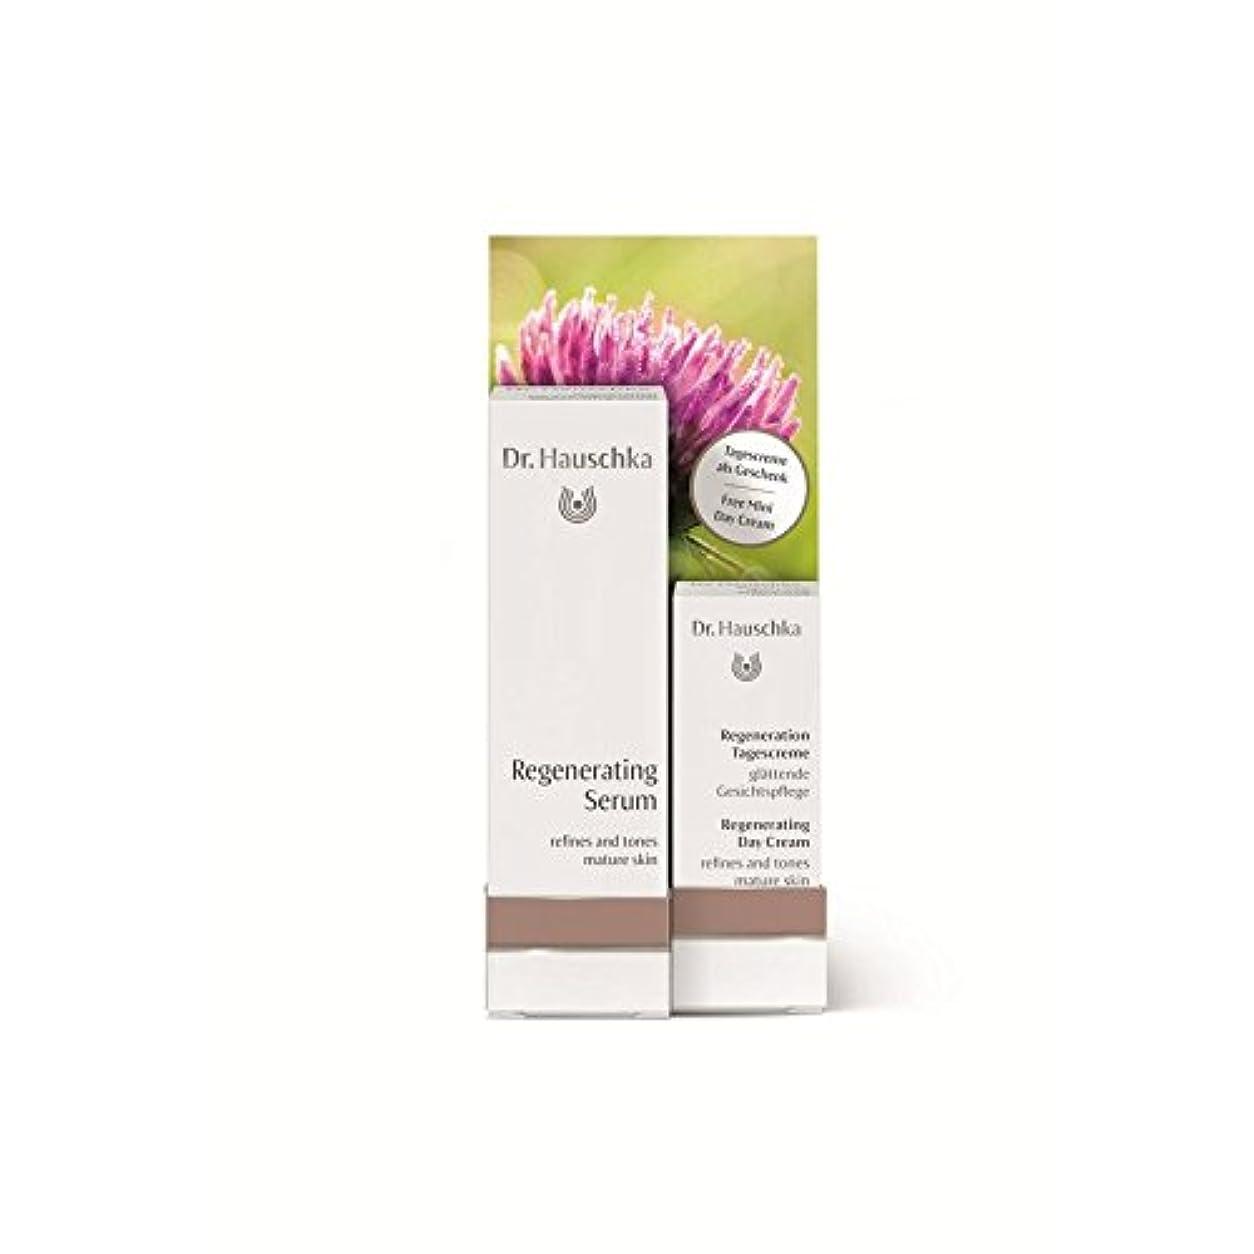 ほぼインド効果的に無料の再生デイクリーム5ミリリットルで血清を再生ハウシュカ x4 - Dr. Hauschka Regenerating Serum with a Free Regenerating Day Cream 5ml (Pack...